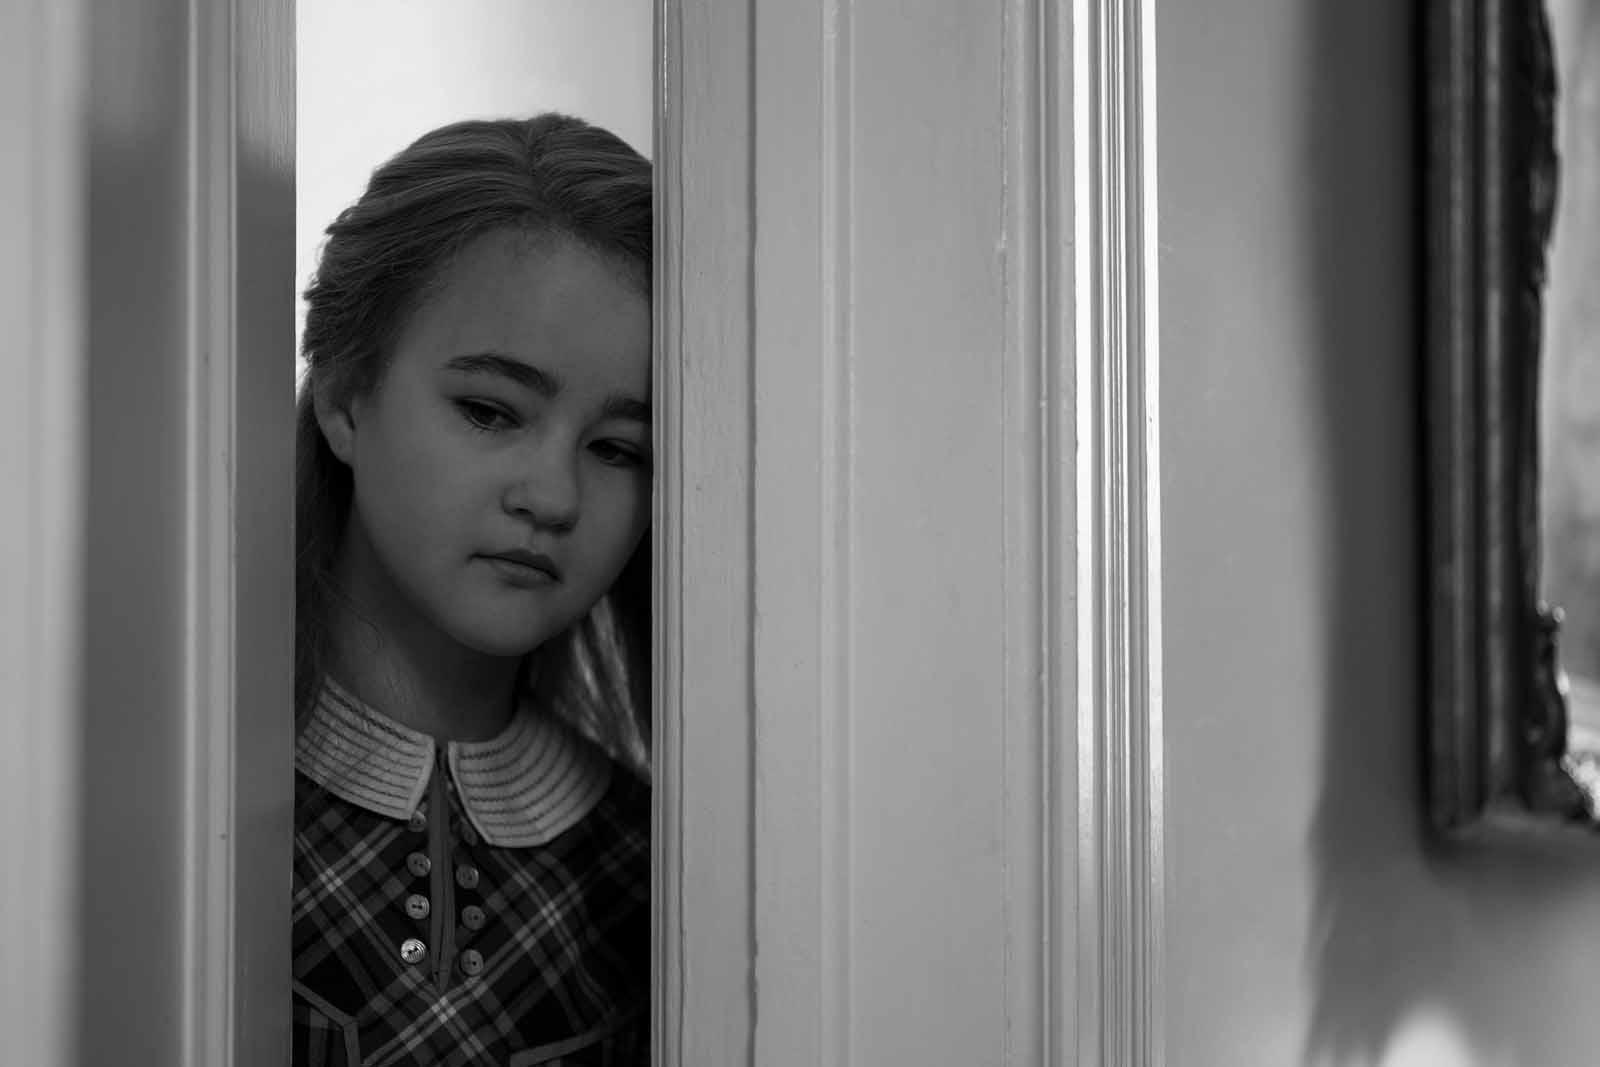 Photo tirée du film Wonderstruck, l'actrice Miilicent Simmonds se tient dans l'angle d'une porte